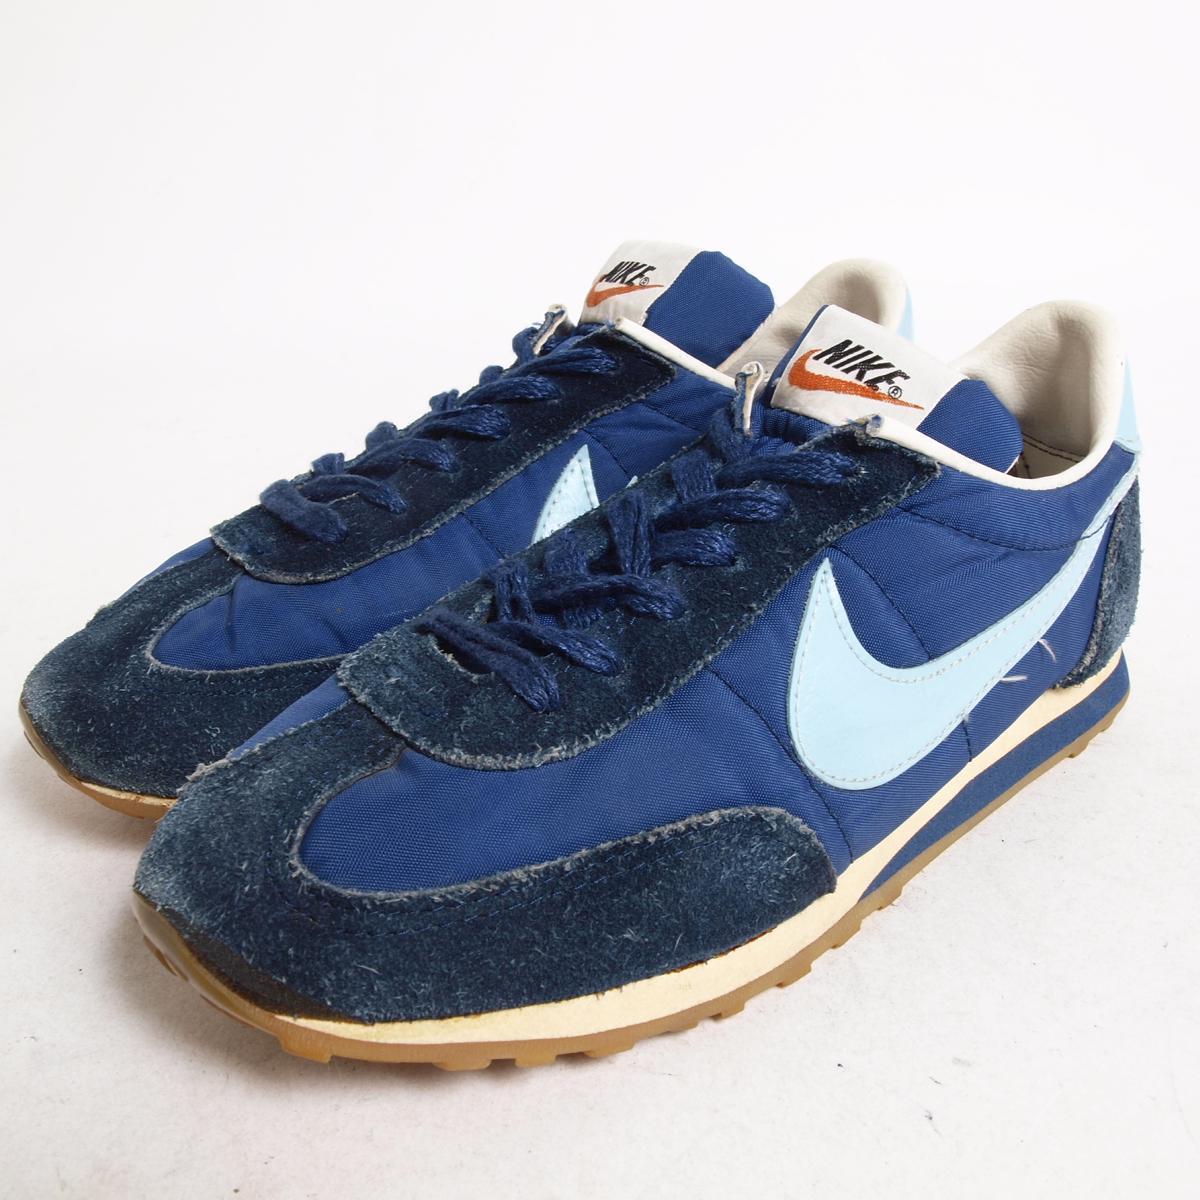 131c914d10b4b Sneakers US7.5 Lady s 23.0cm vintage NIKE  bok7904 in the 80s made in Nike  ROAD RUNNER Roadrunner Taiwan